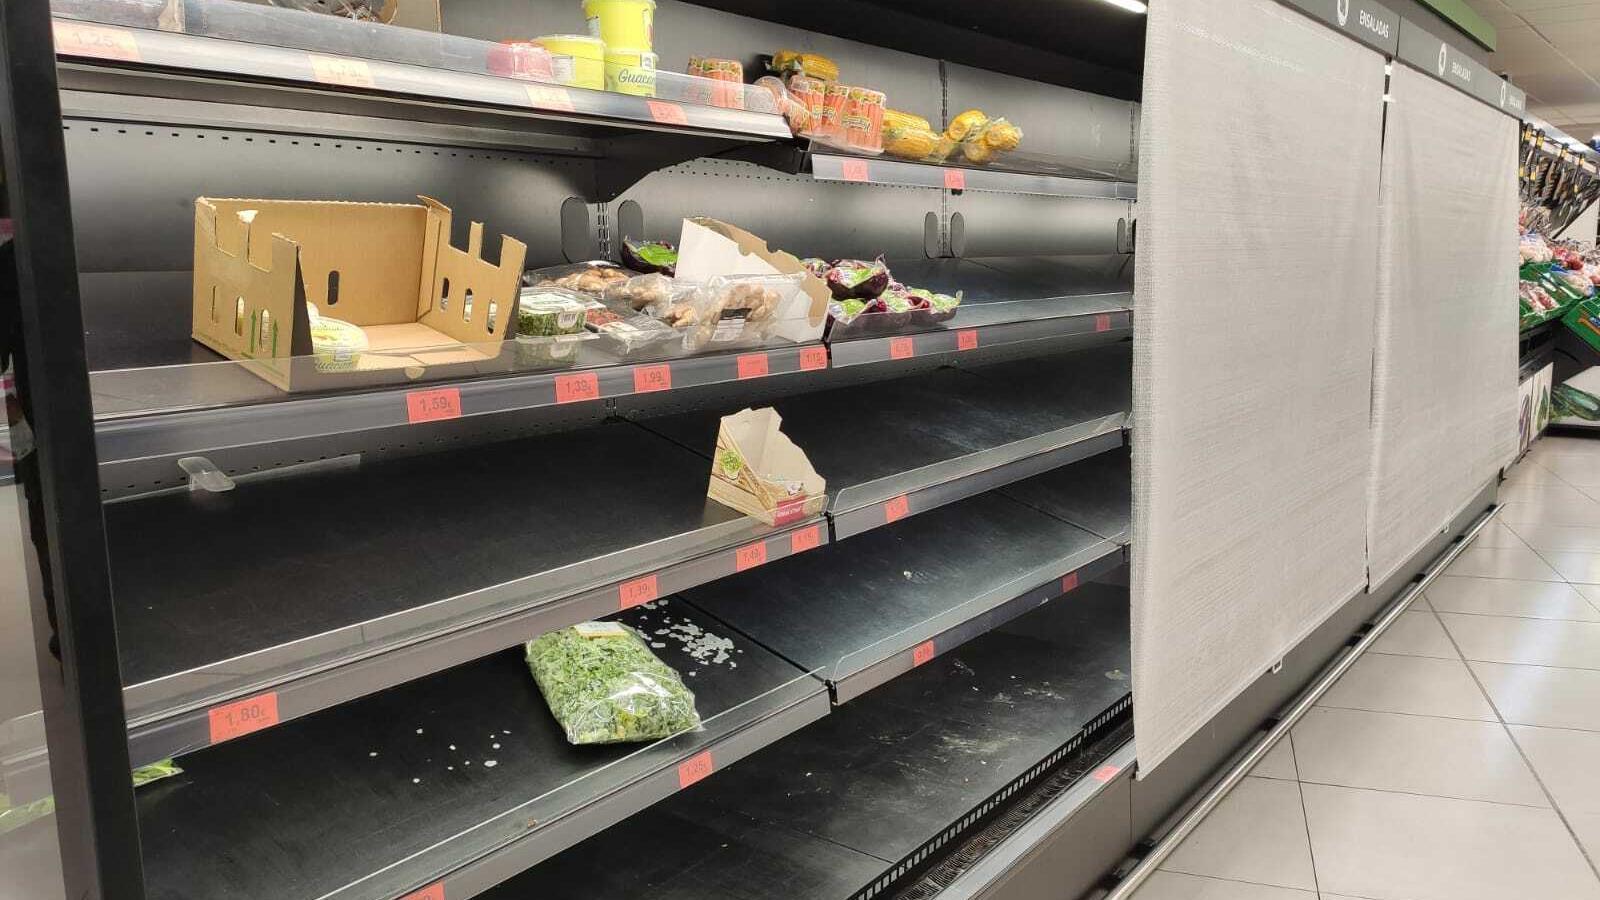 El temporal deixa sense provisions molts supermercats de Mallorca